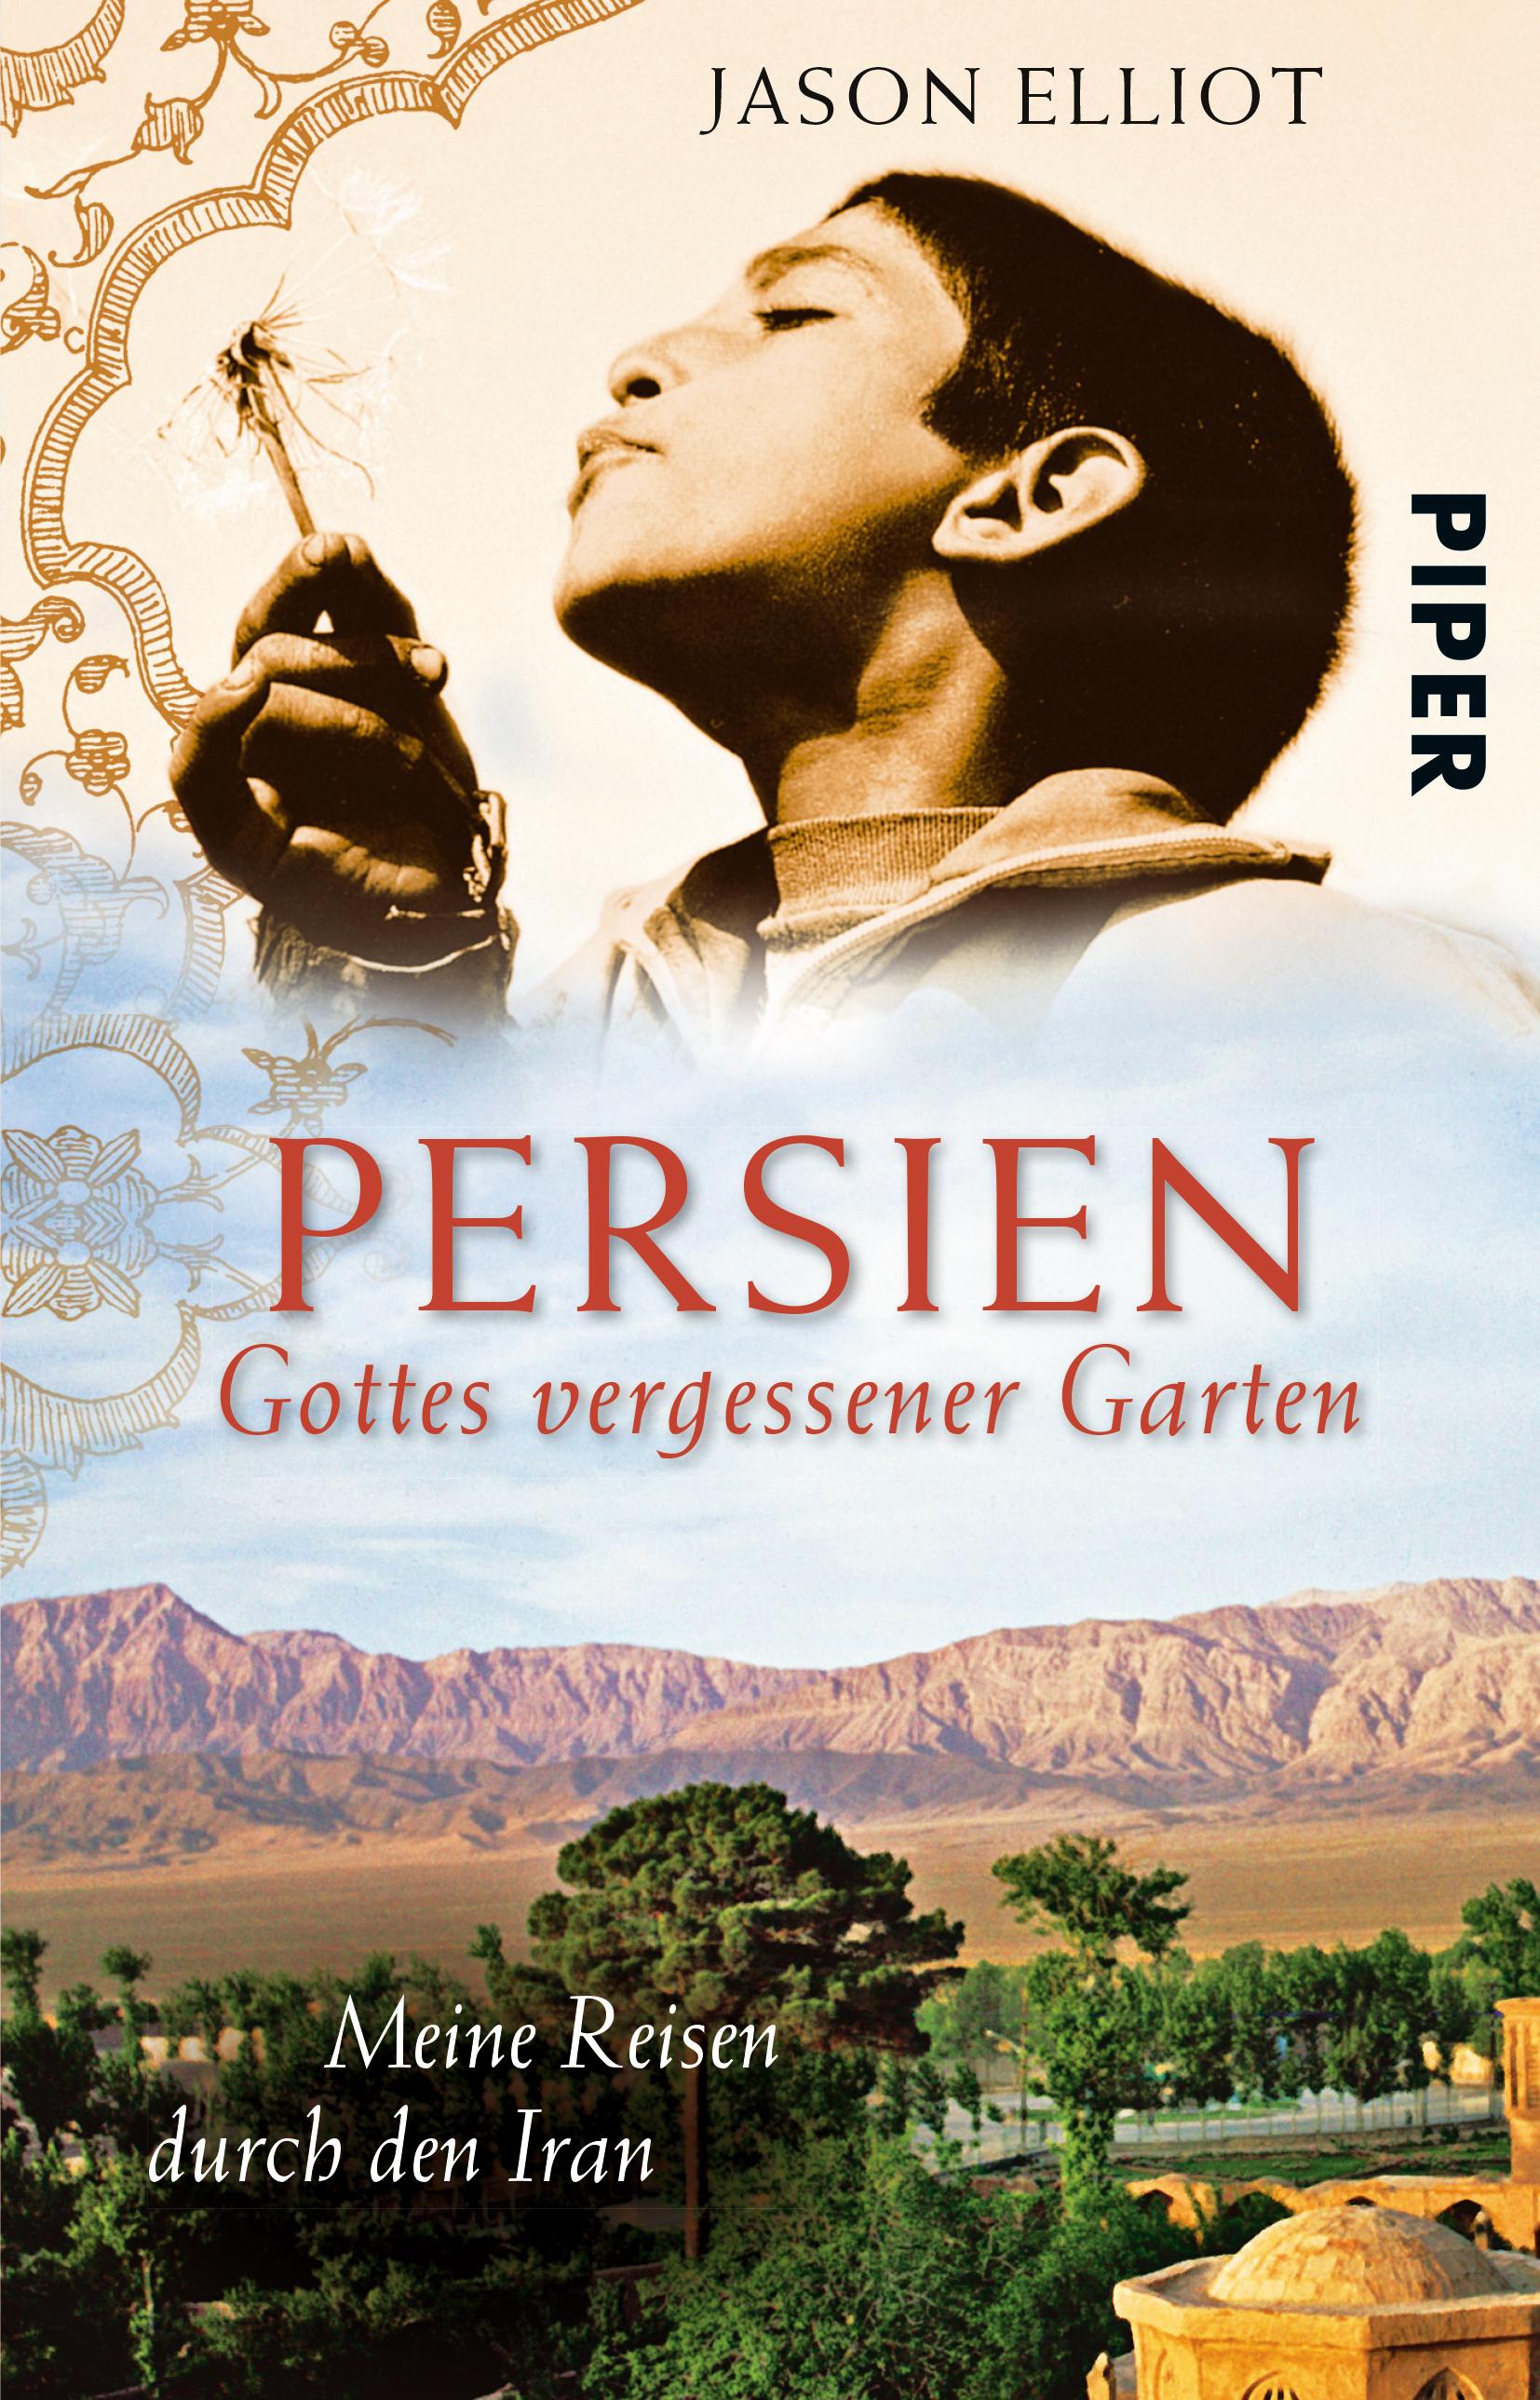 Persien: Gottes vergessener Garten  by  Jason Elliot